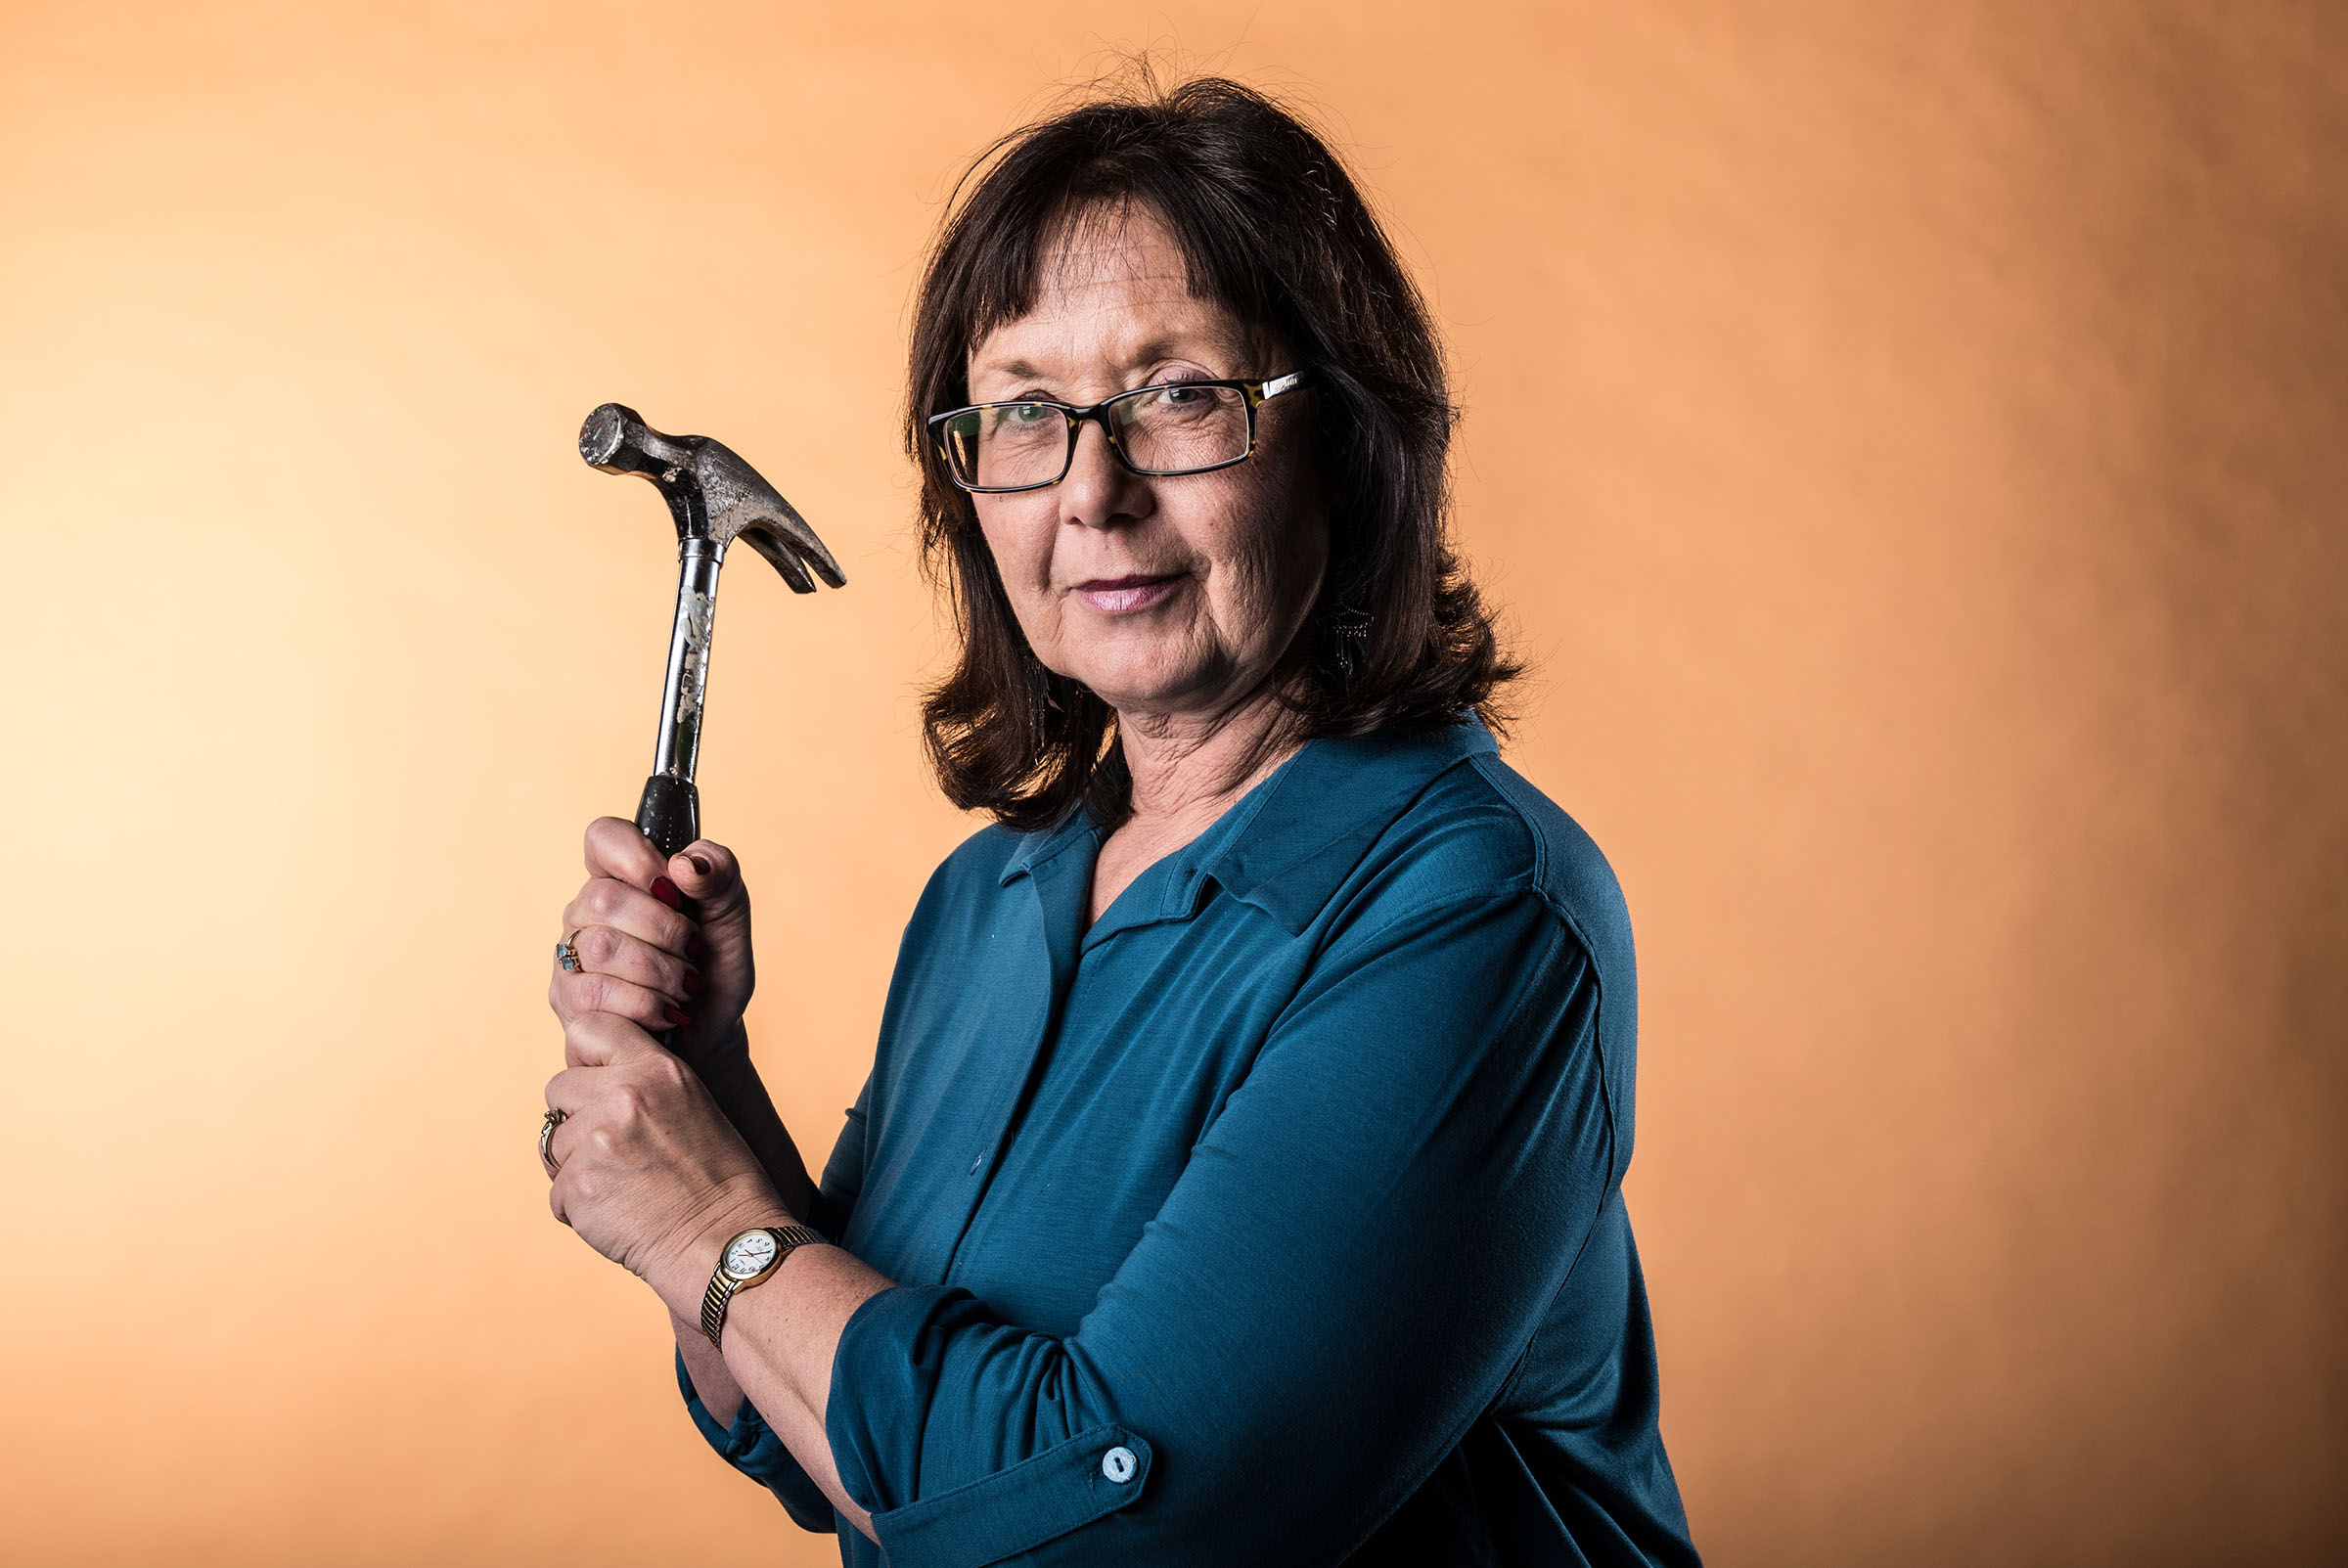 Portrait of Cindy Struensee